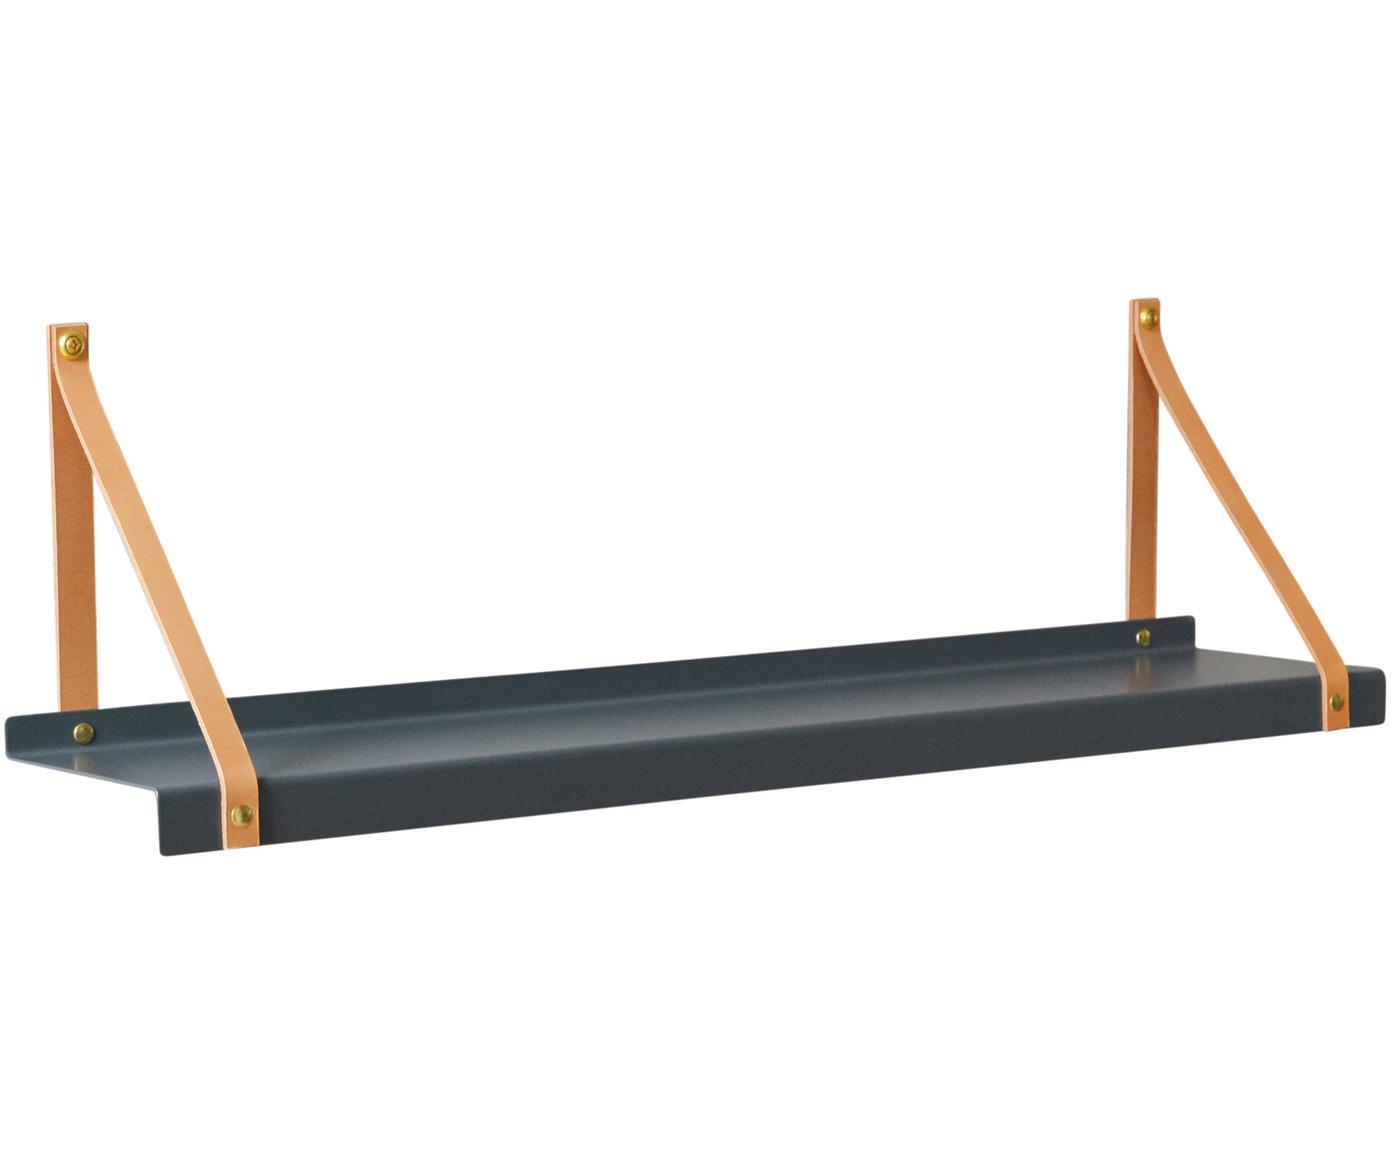 Wandplank Shelfie, Plank: gepoedercoat metaal, Riemen: leer, Grijs, bruin, B 75 x D 15 cm